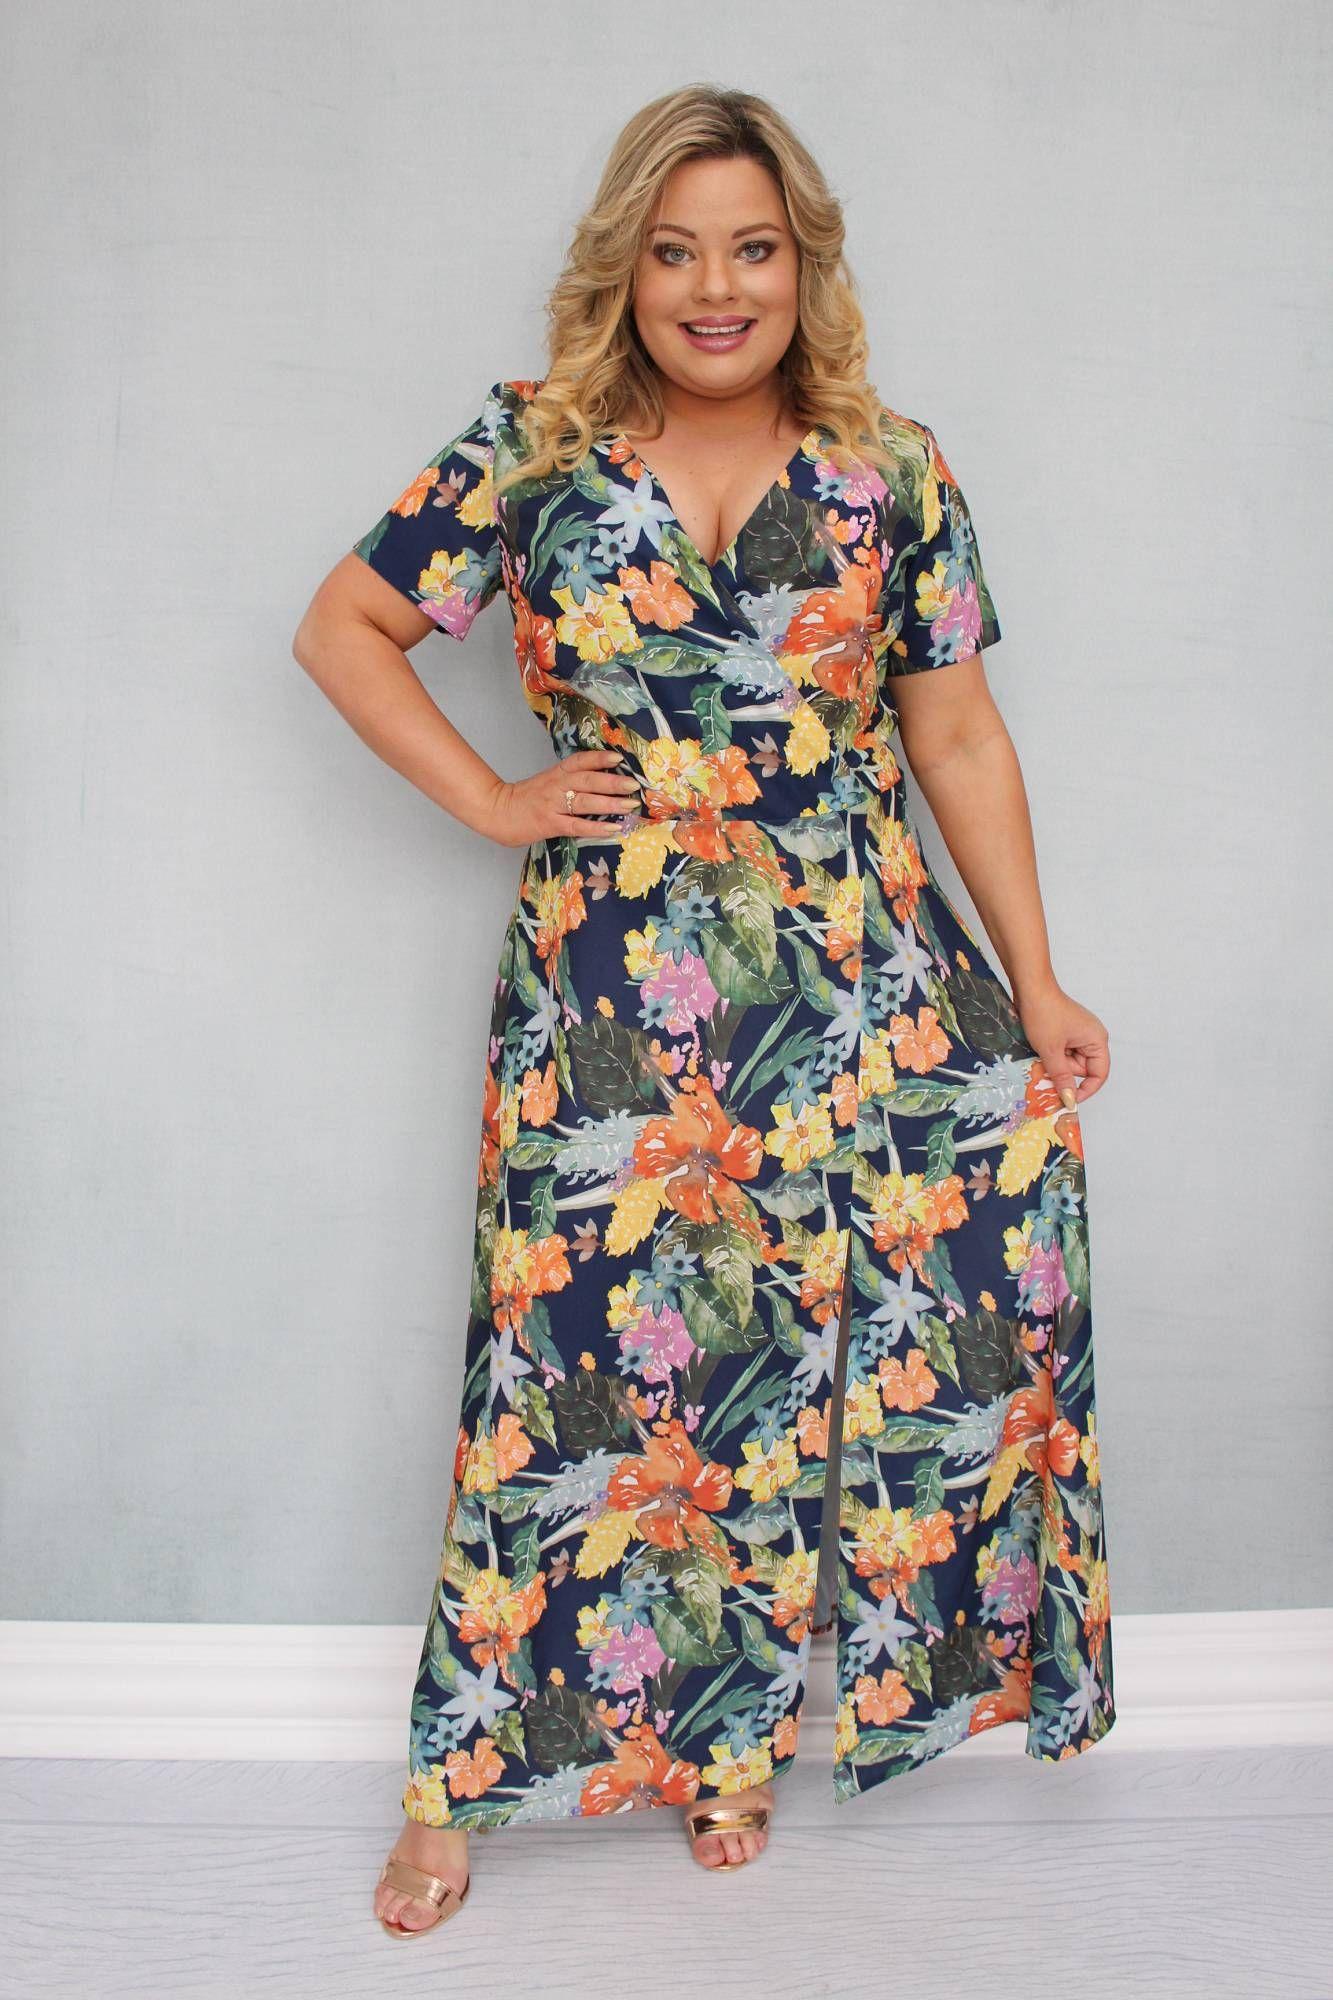 Sukienka Fiomena Zwiewna Long Kopertowy Dekolt Granat W Kolorowe Kwiaty Plus Size Outfits Maxi Dress Short Sleeve Dresses